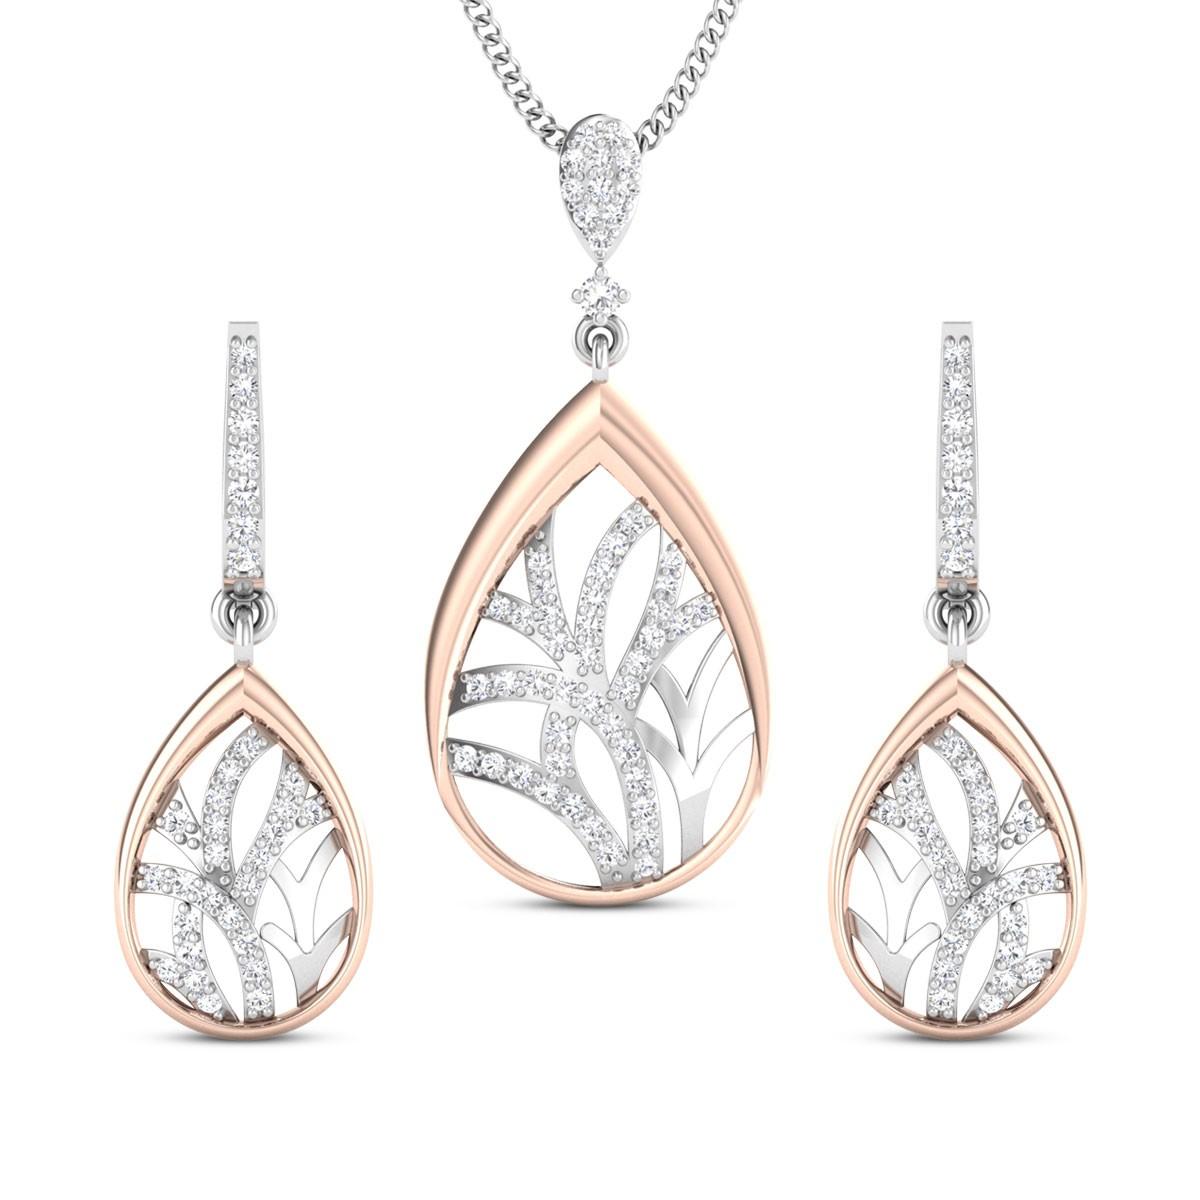 Madhuri Two Tone Diamond Pendant Set